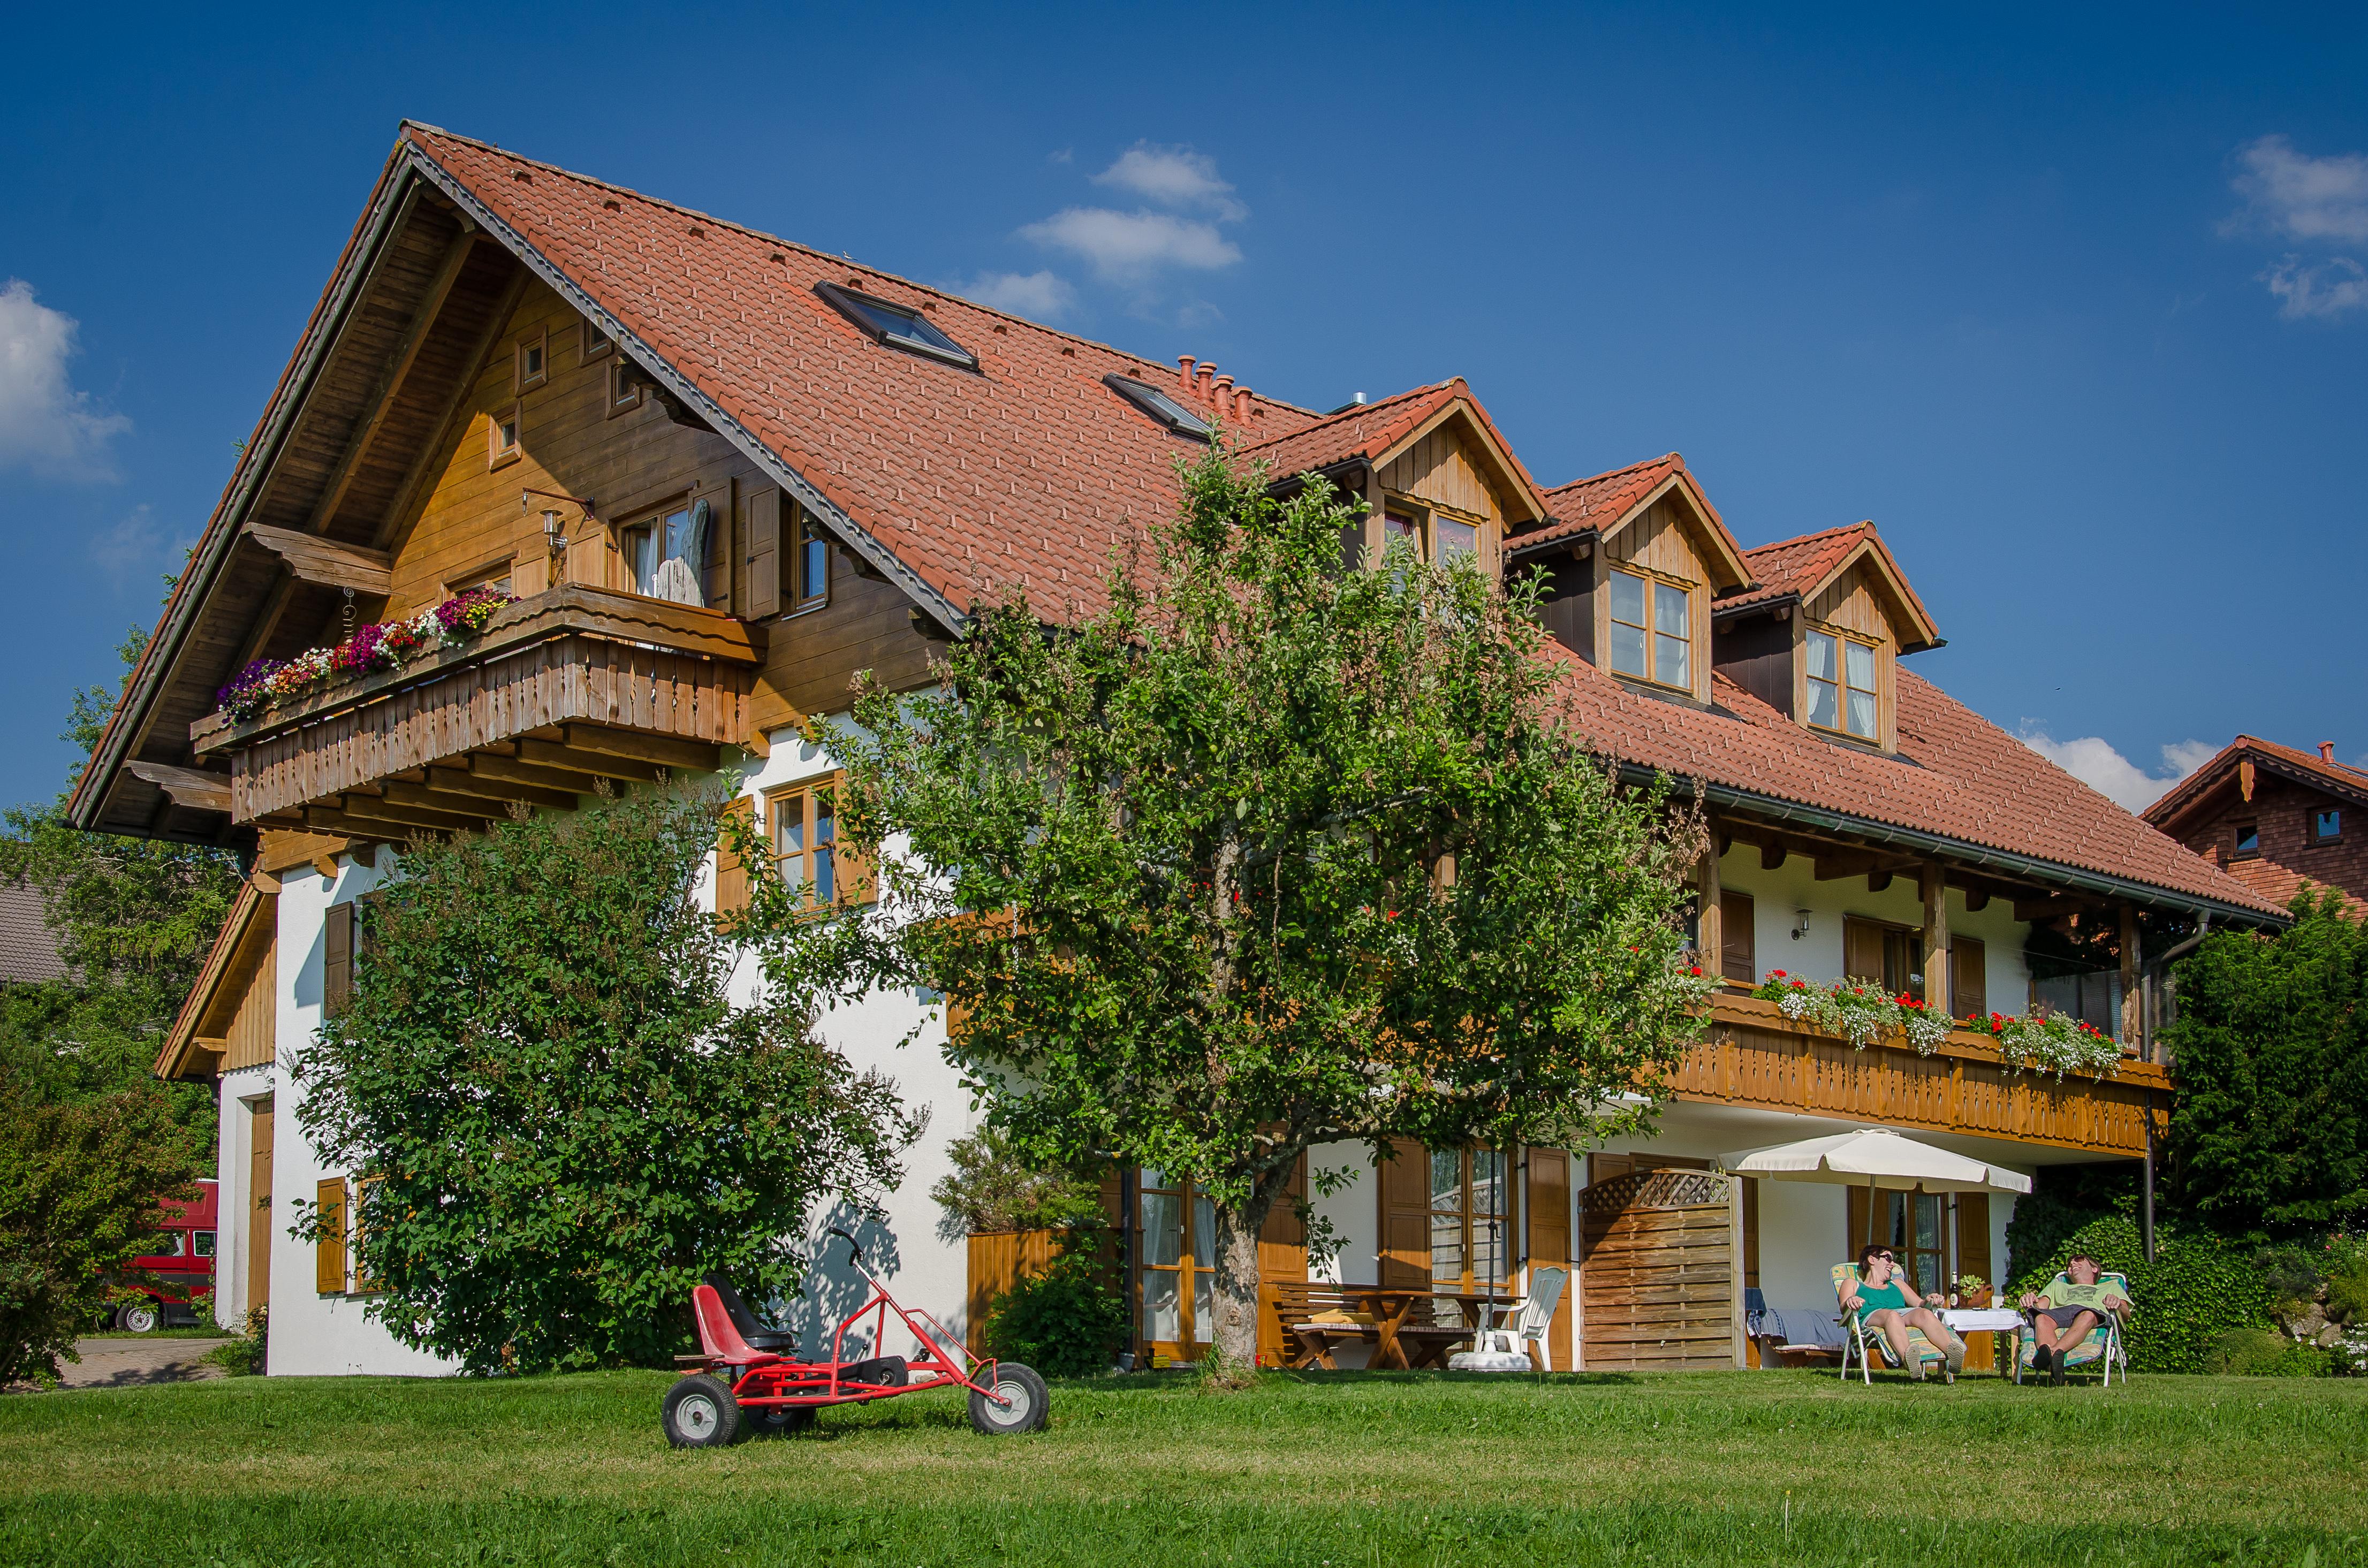 Ferienwohnungen auf dem Ferienhof Baur